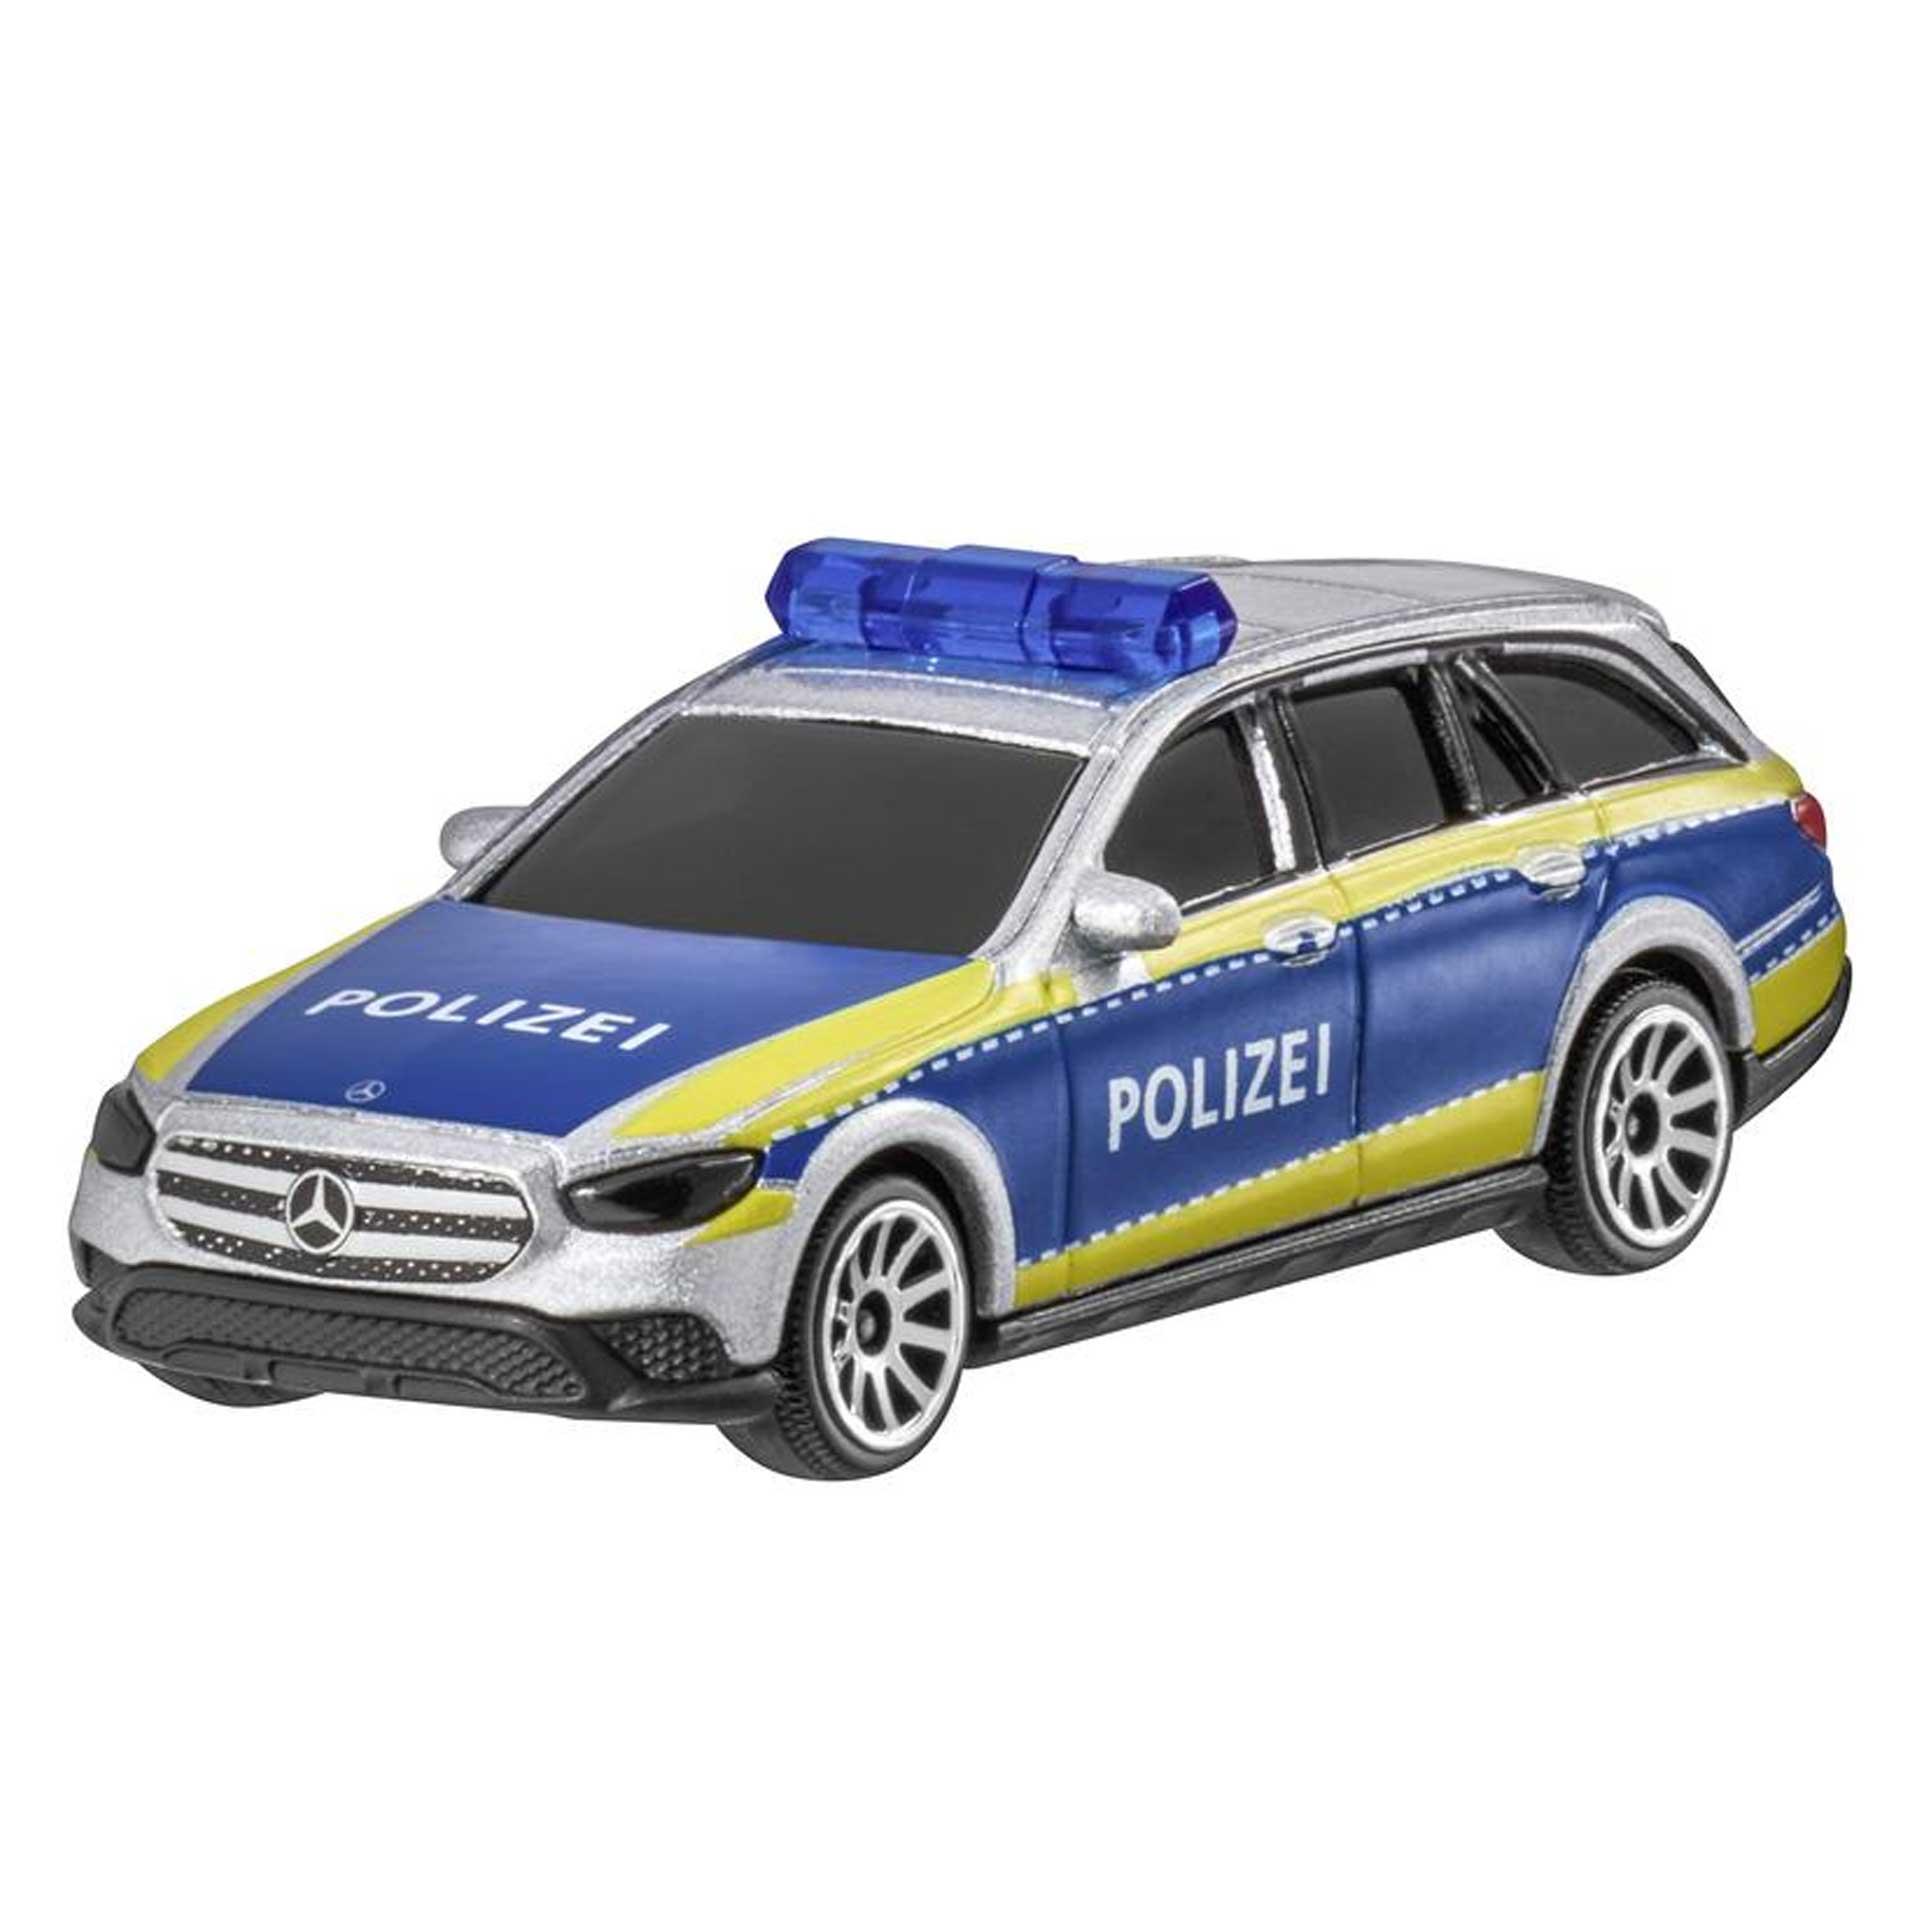 Mercedes-Benz Modellauto E-Klasse Polizei S213 T-Modell All-Terrain 1:64